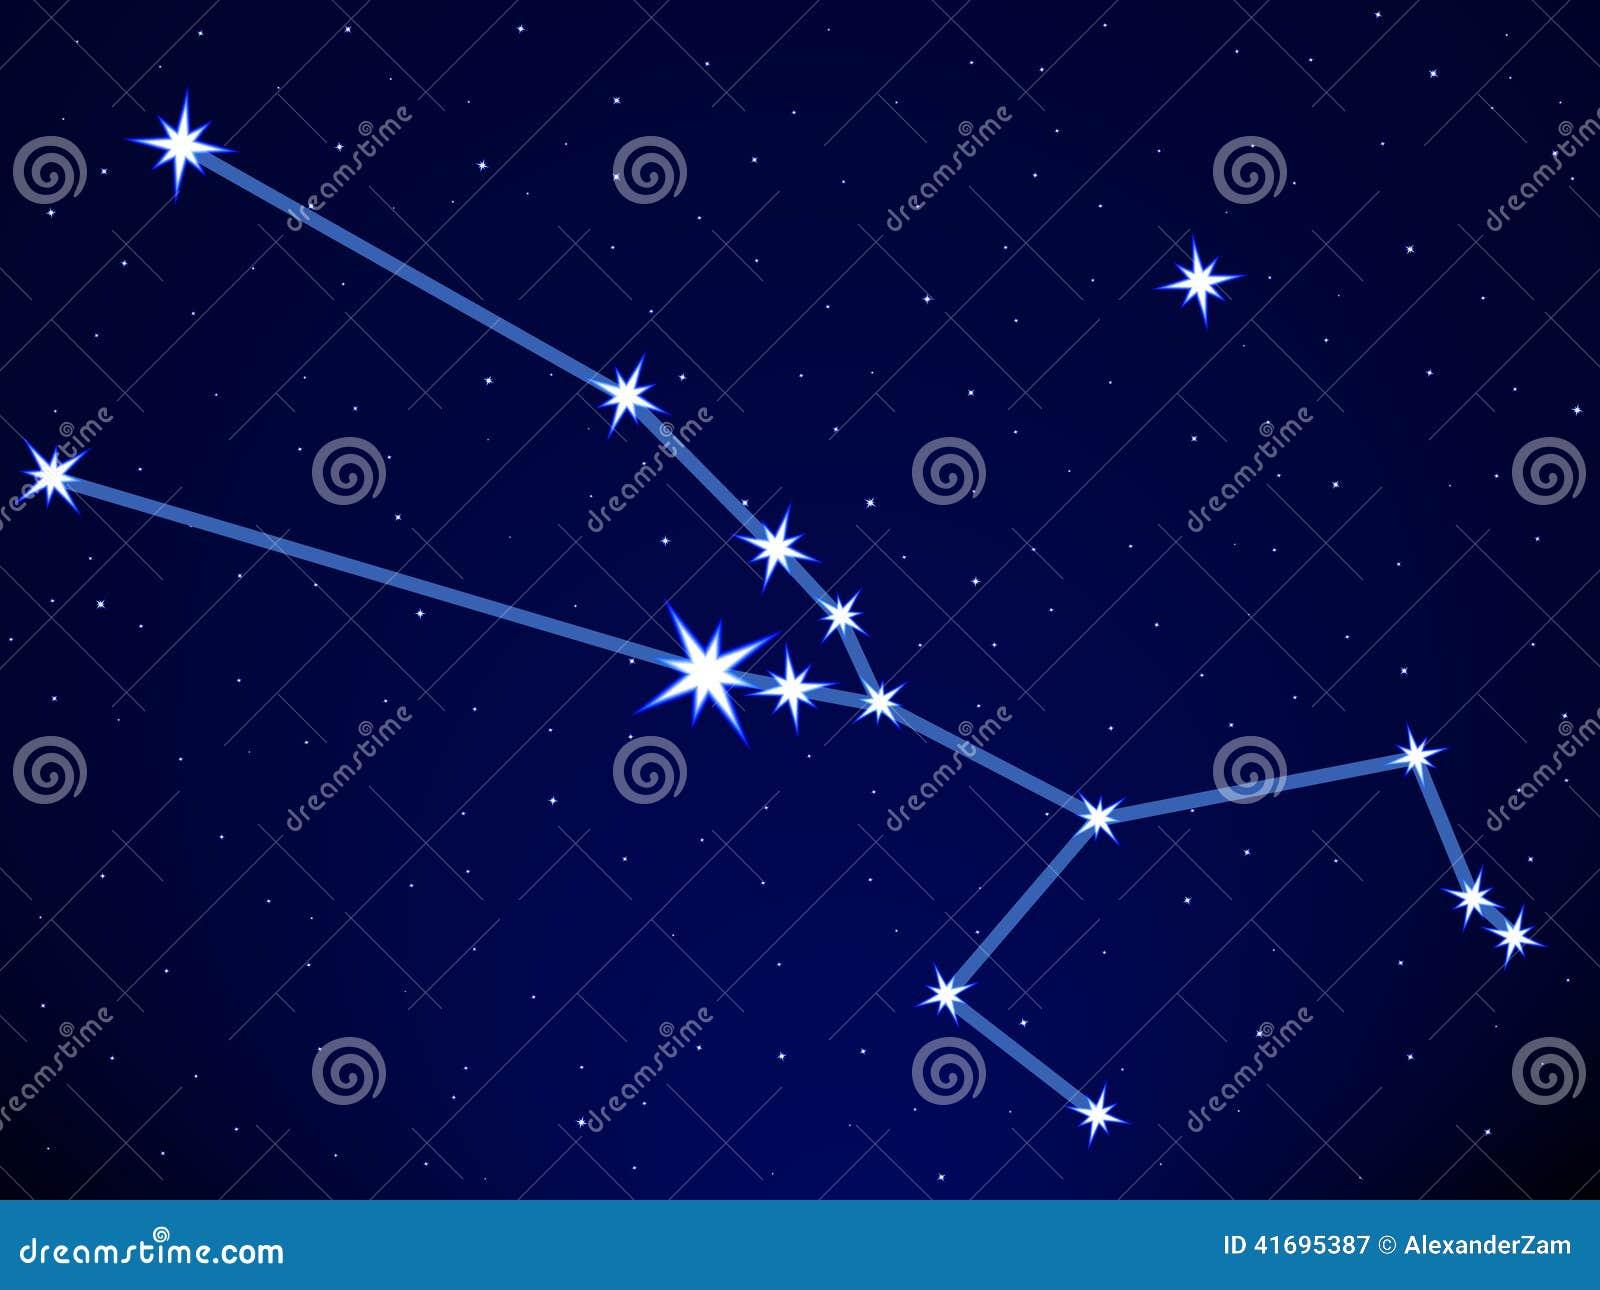 在星座天空的星斗的金牛座满天.摩羯座女生难追么图片